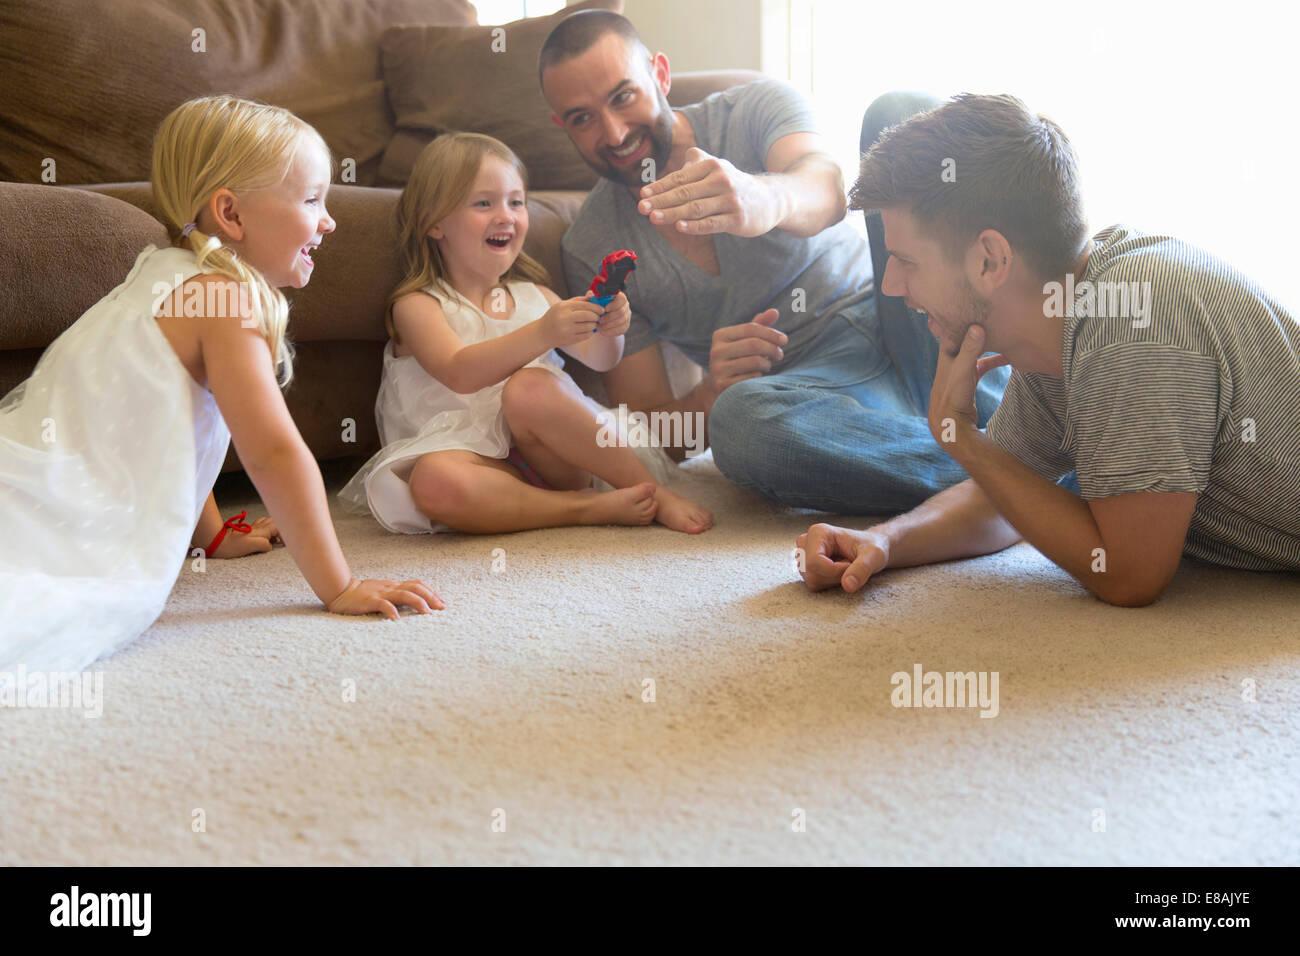 Homme couple et deux filles jouant sur salon-de-chaussée Photo Stock